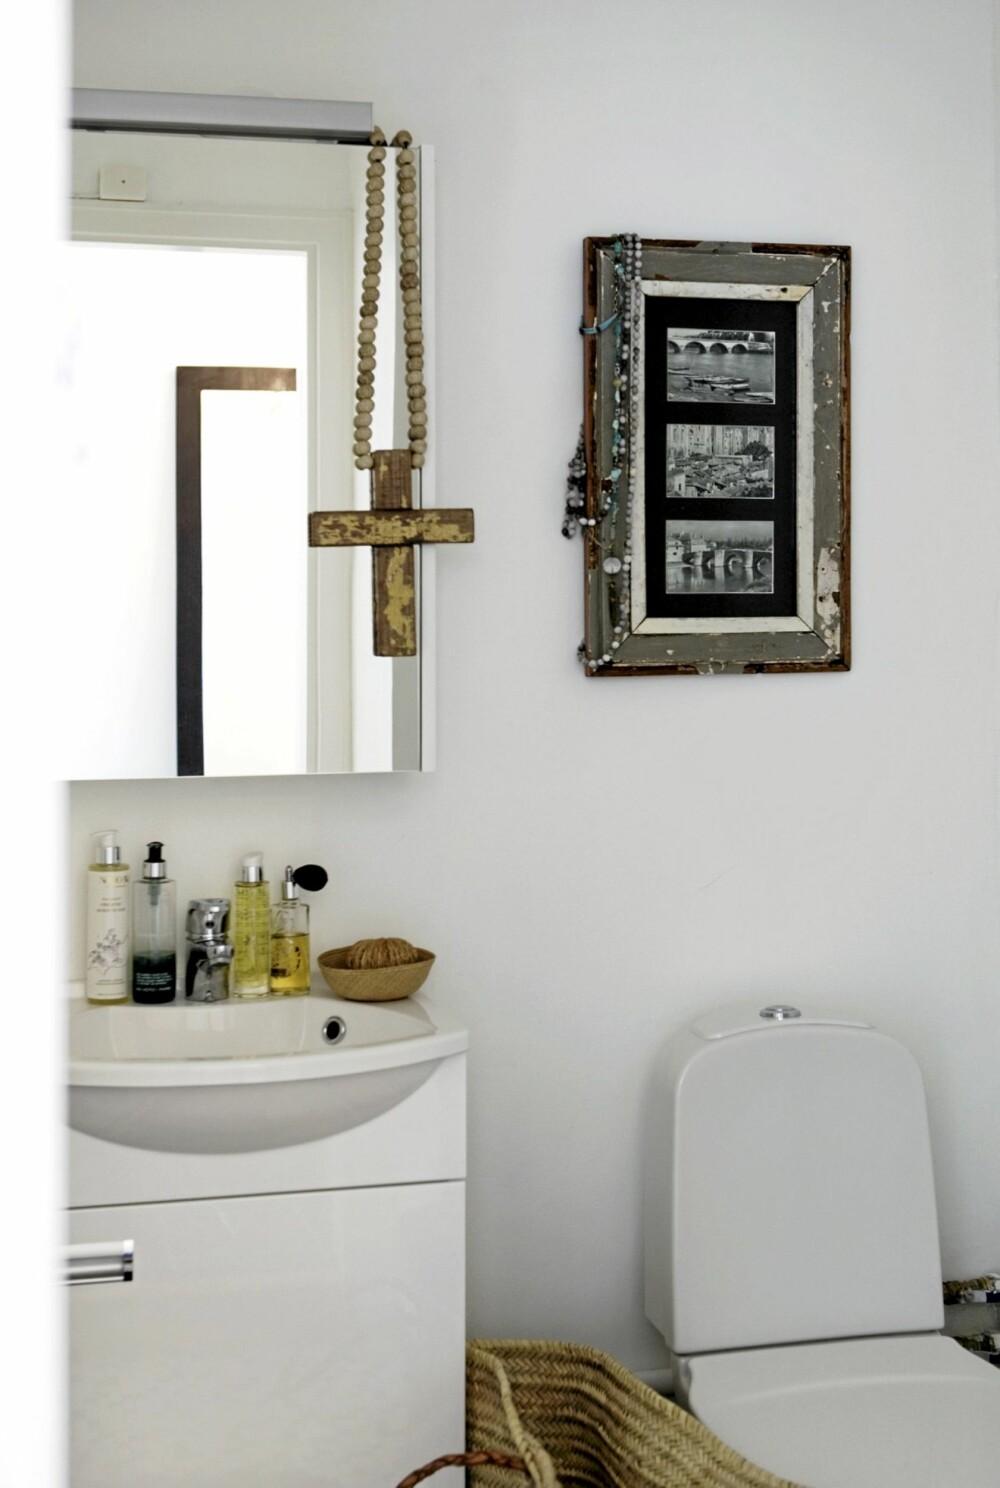 BADEGLEDER: Også på badet henger reiseminner. Korset som henger på speilet er kjøpt i Sør-Afrika. Fotografiene over toalettet er satt i gammel ramme. En rommelig kurv med skinnhanker er fin til håndklær eller andre ting.